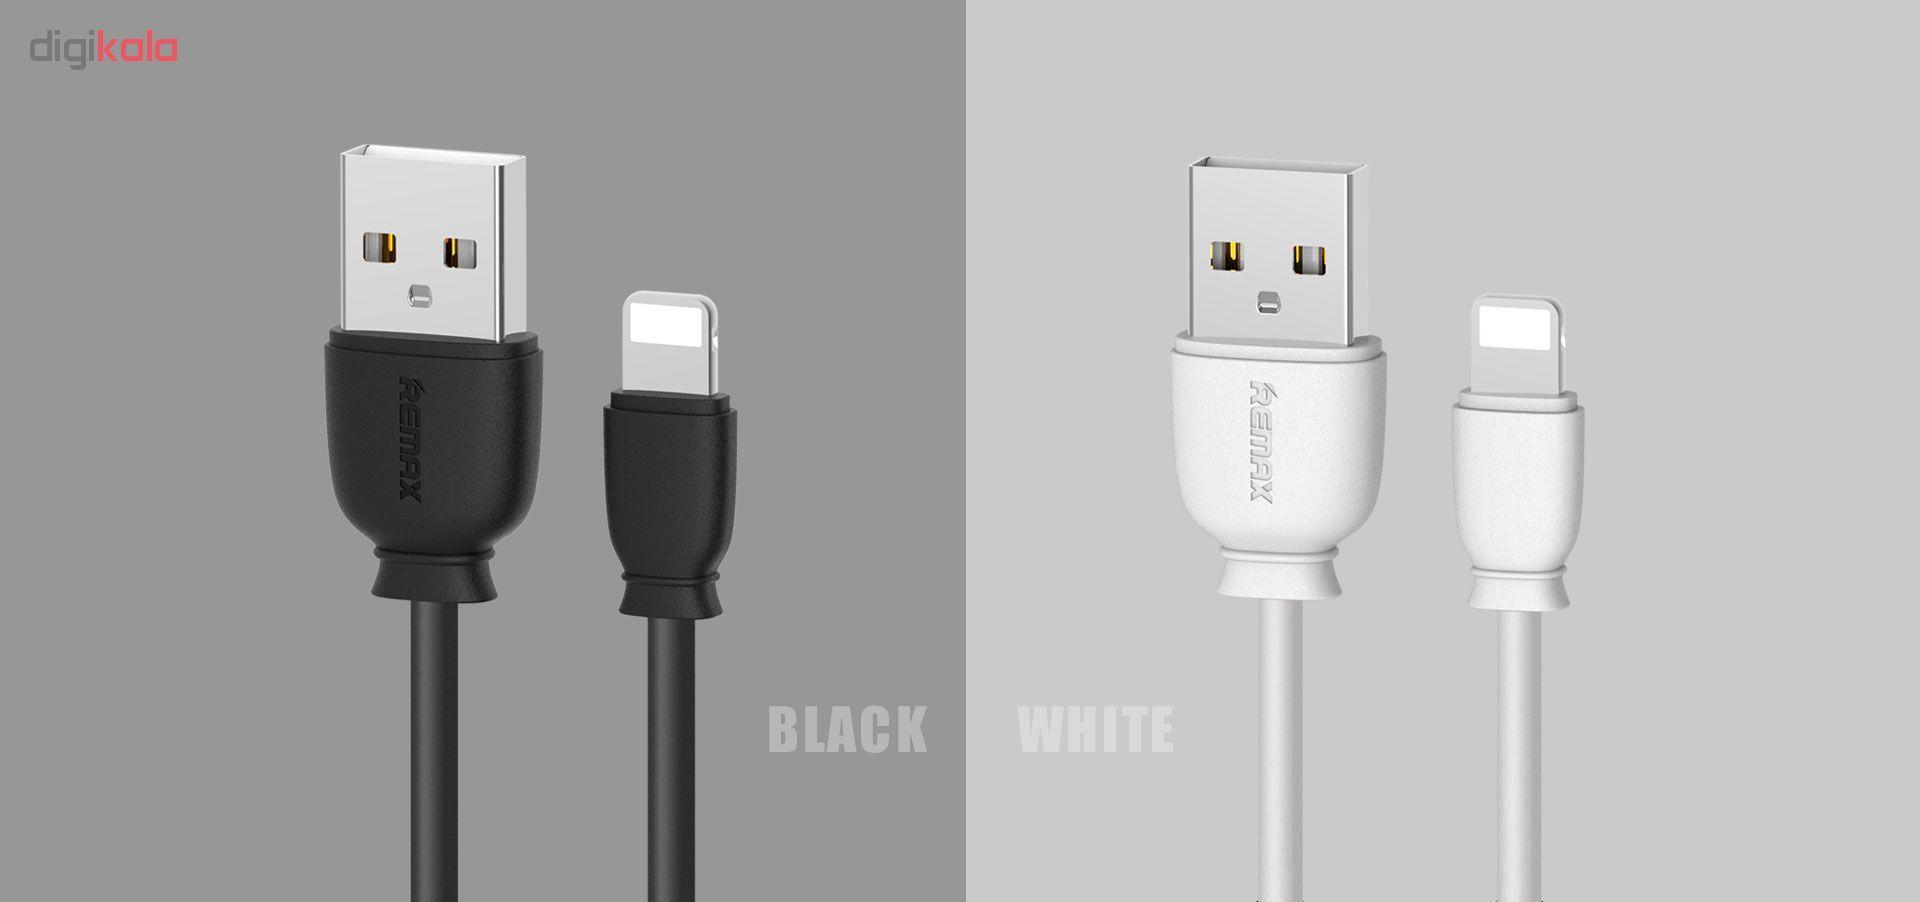 کابل تبدیل USB به لایتنینگ ریمکس مدل RC-134i طول 1 متر main 1 3